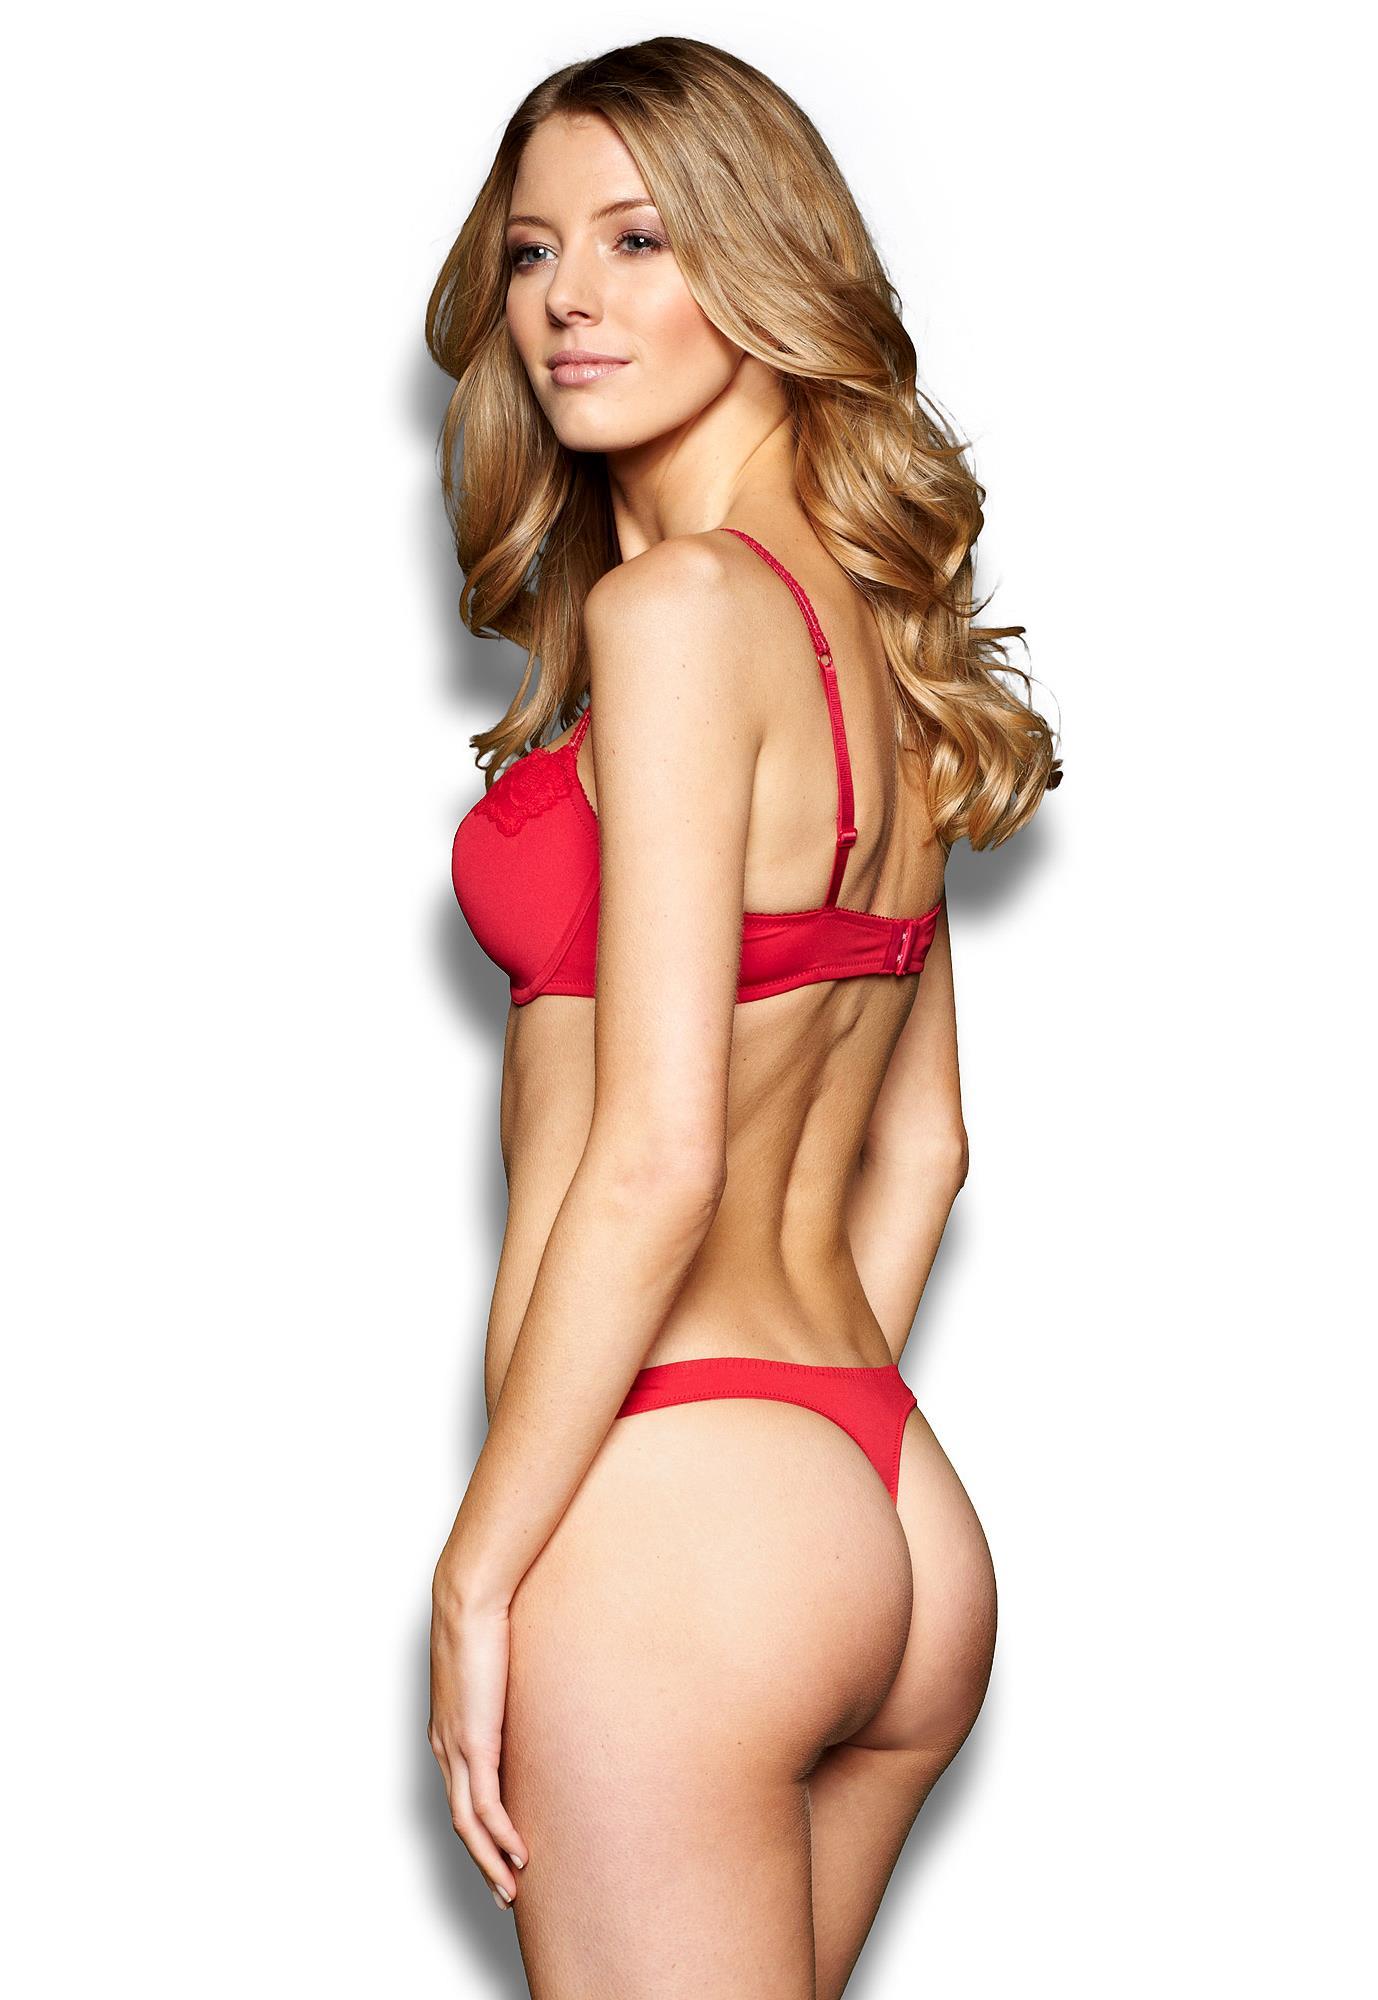 Elisabeth van Tergouw in lingerie - ass